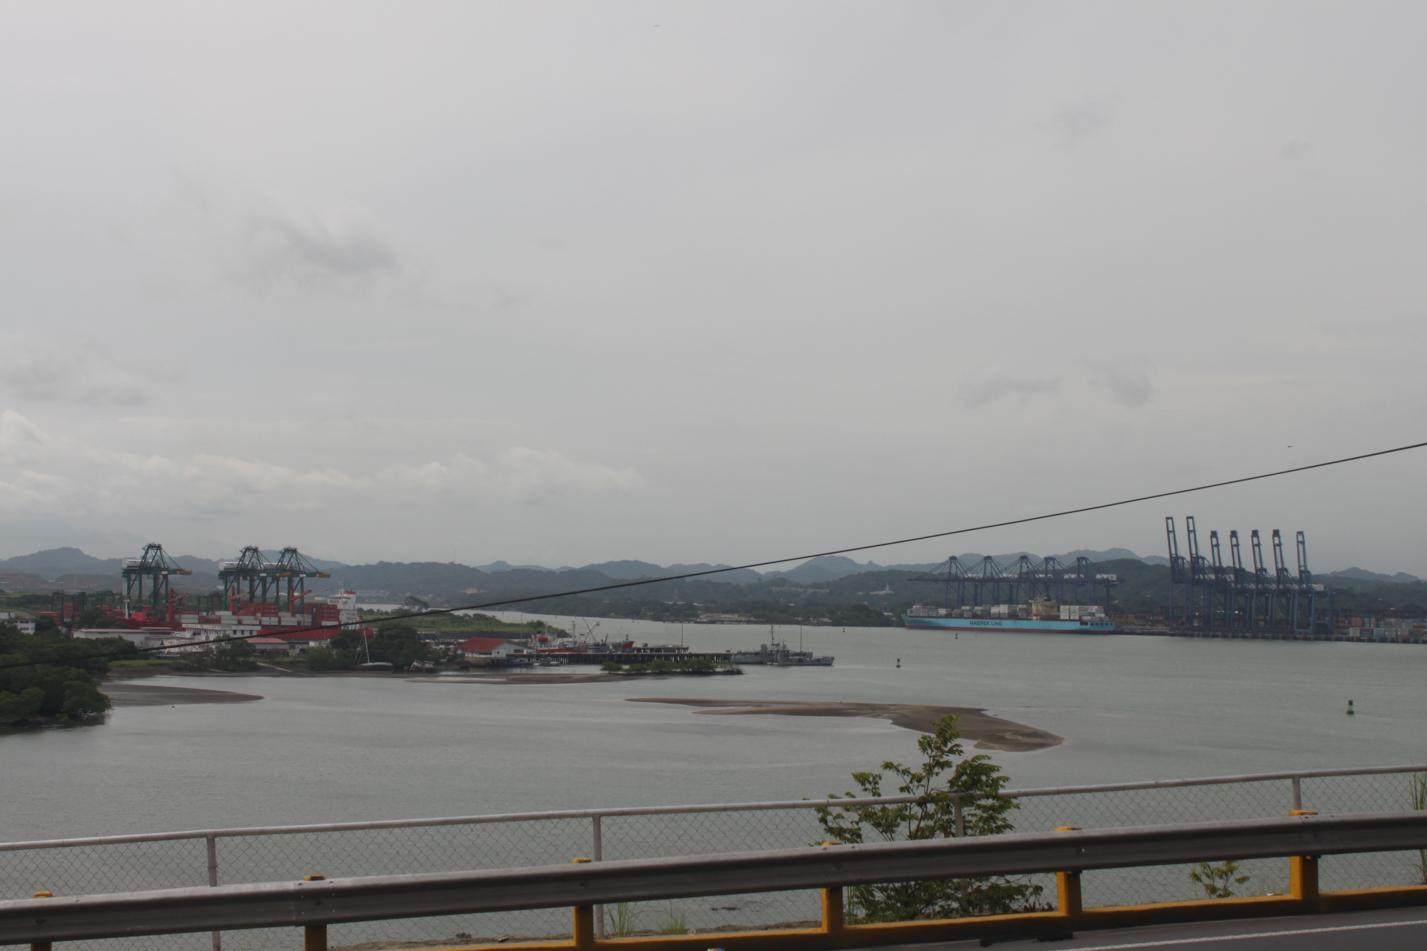 An dieser Stelle beginnt der Panamakanal und bringt große Ozeanriesen von dem Pazifischen Ozean zum Atlantik.